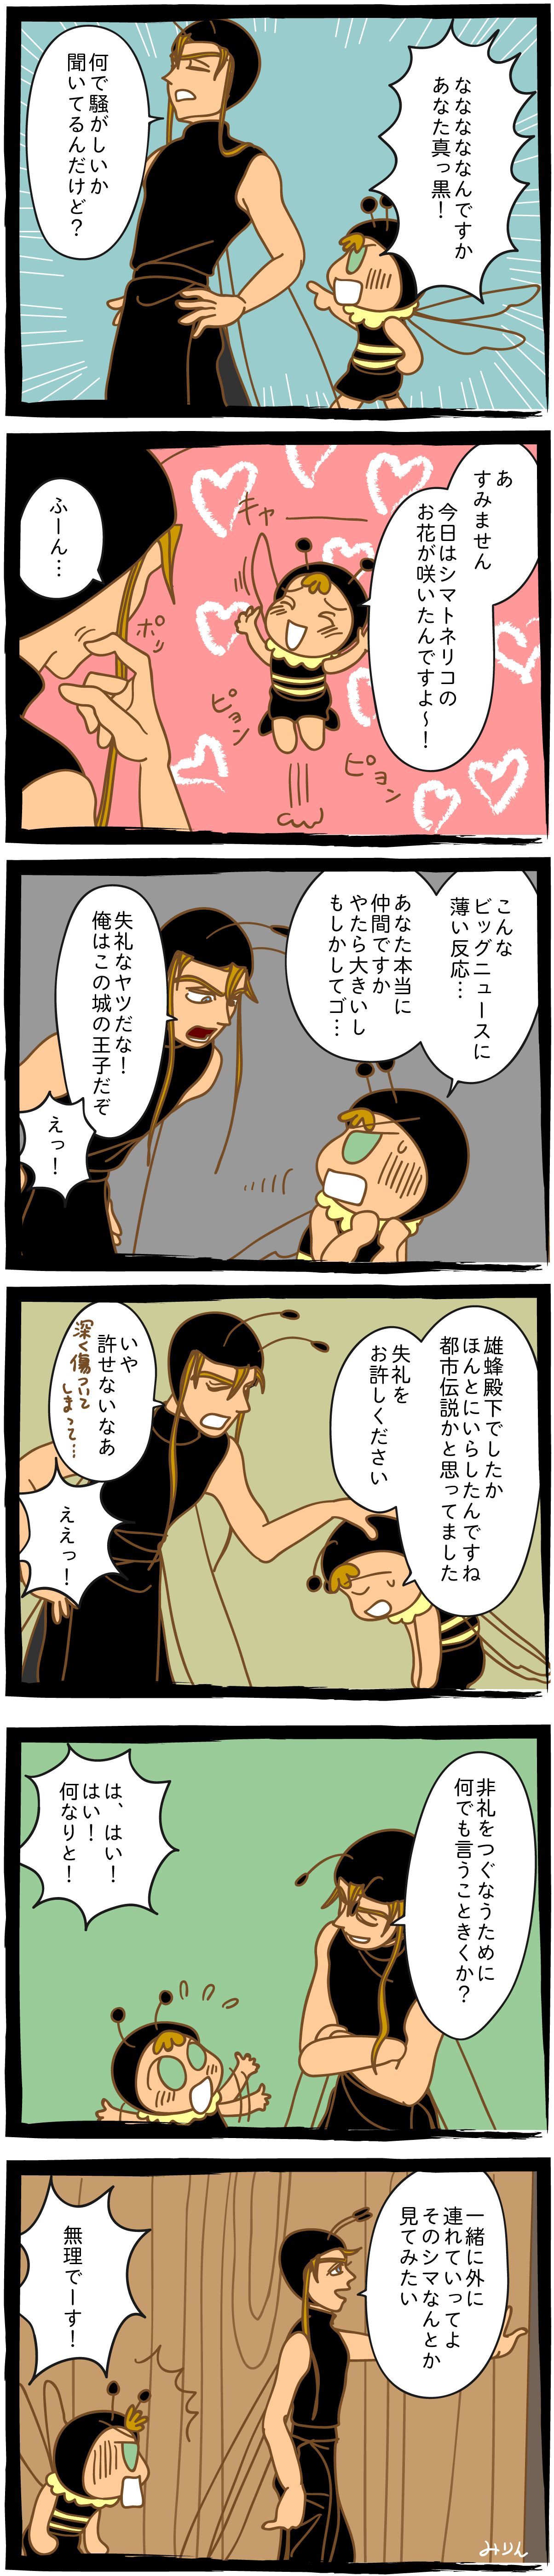 みつばち漫画みつばちさん:85. あの頃(2)